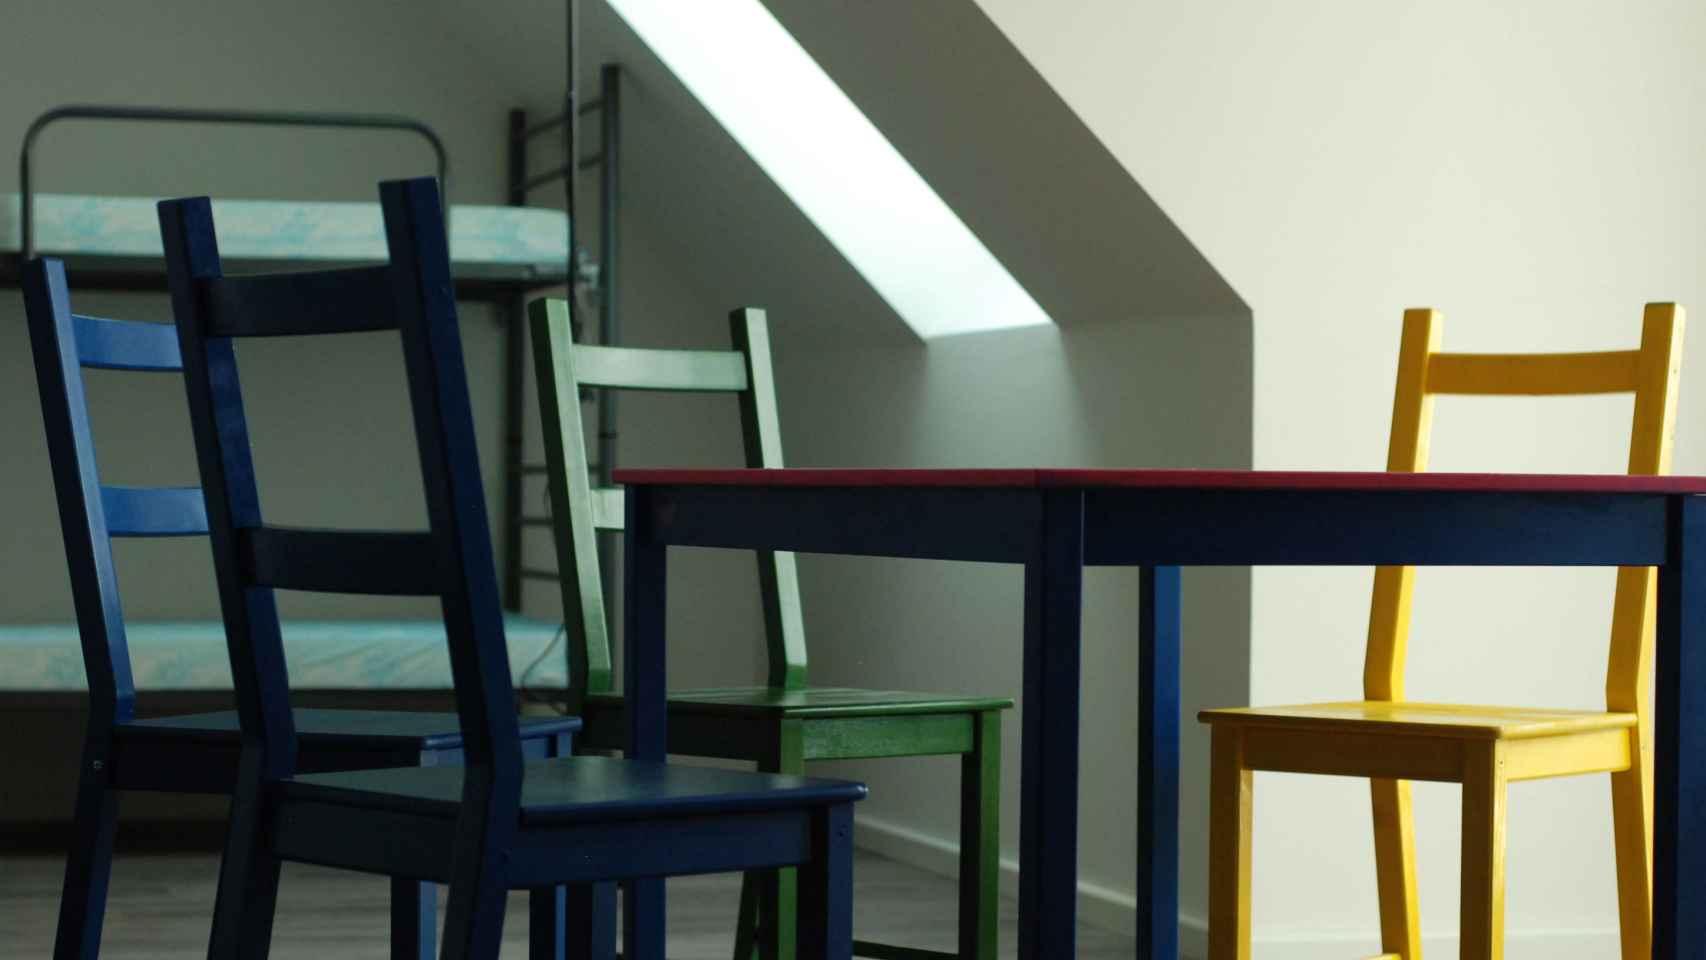 Sillas de Ikea pintadas con los colores del arcoiris.